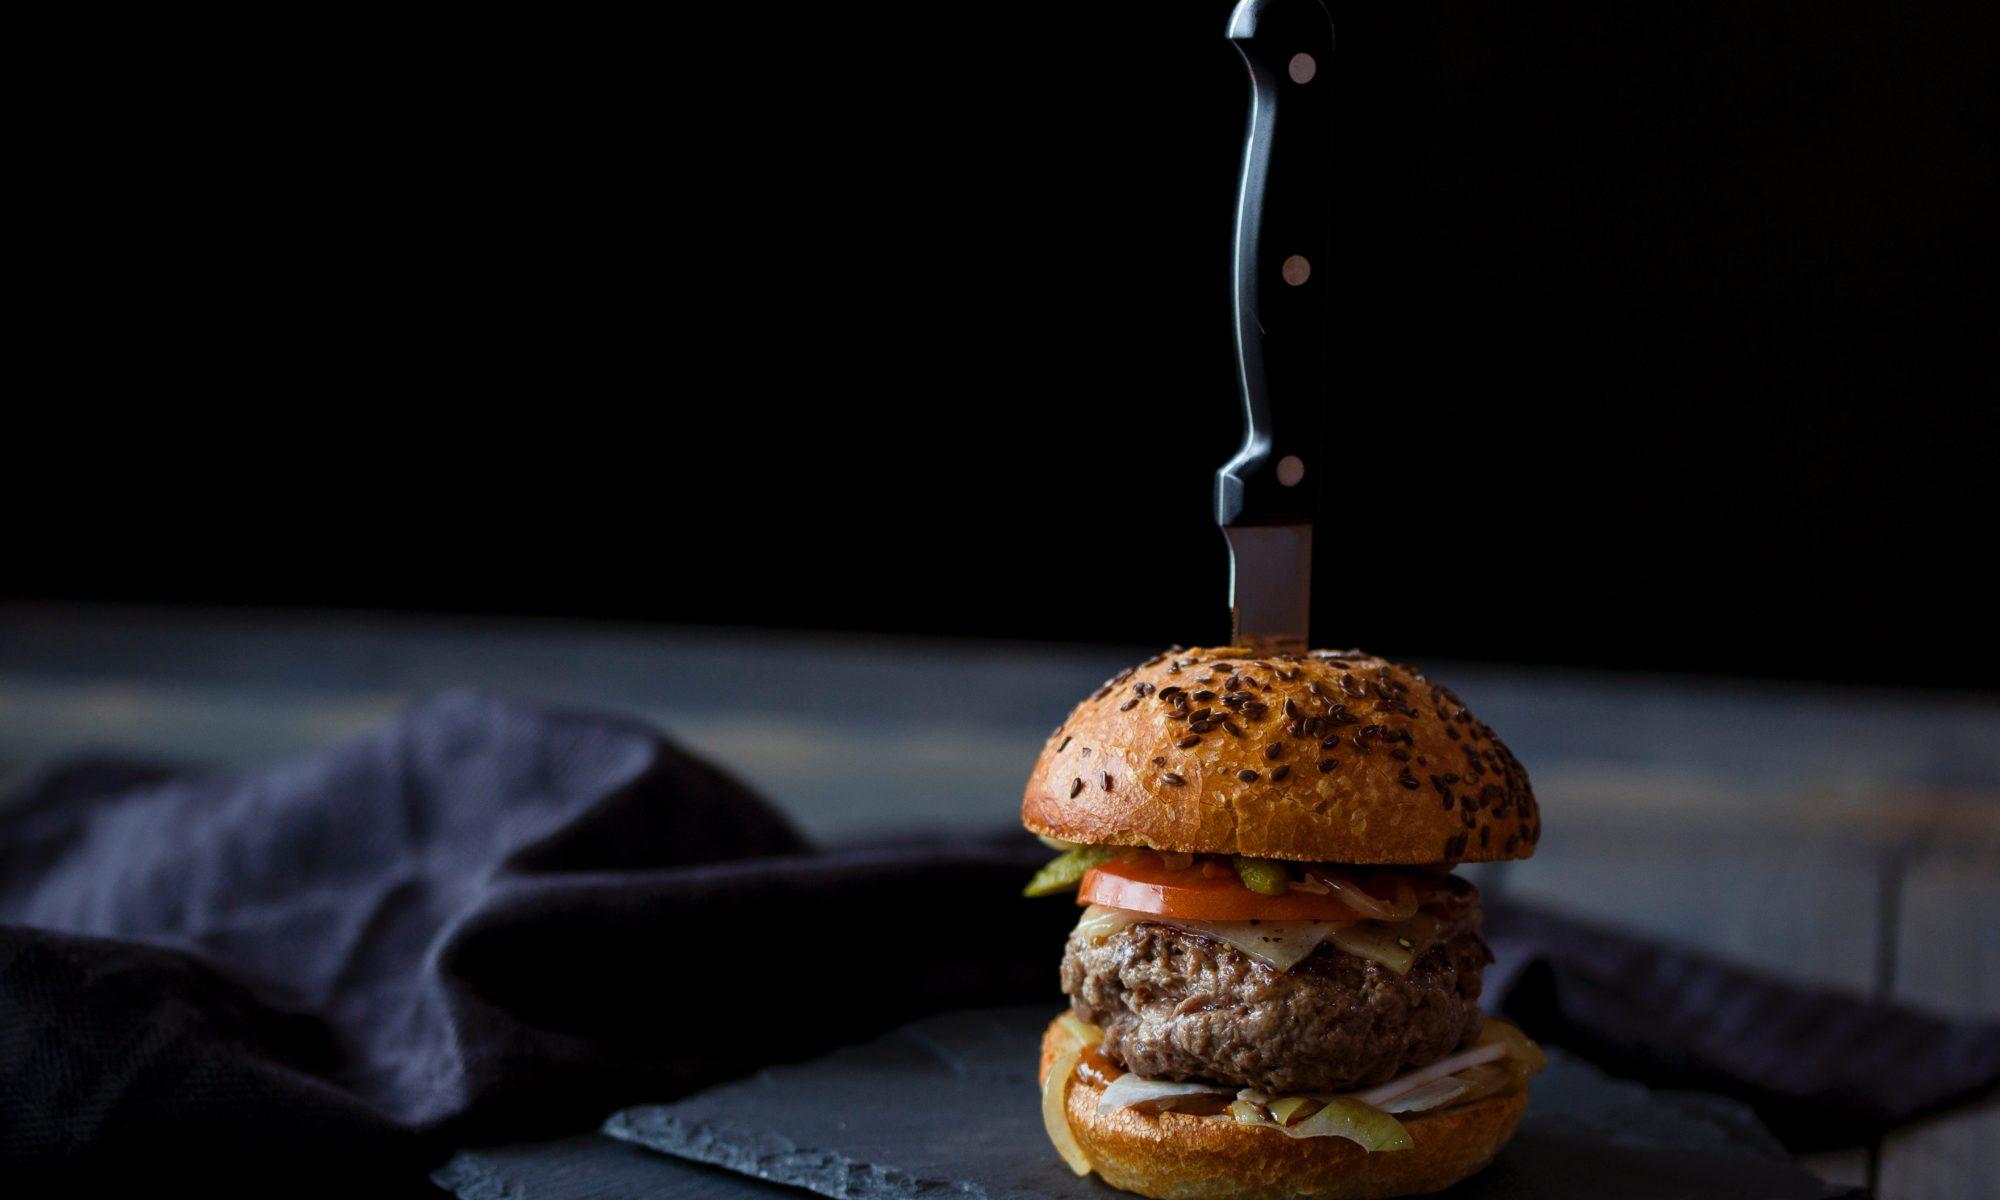 Grosser Burger in dem ein Messer steckt